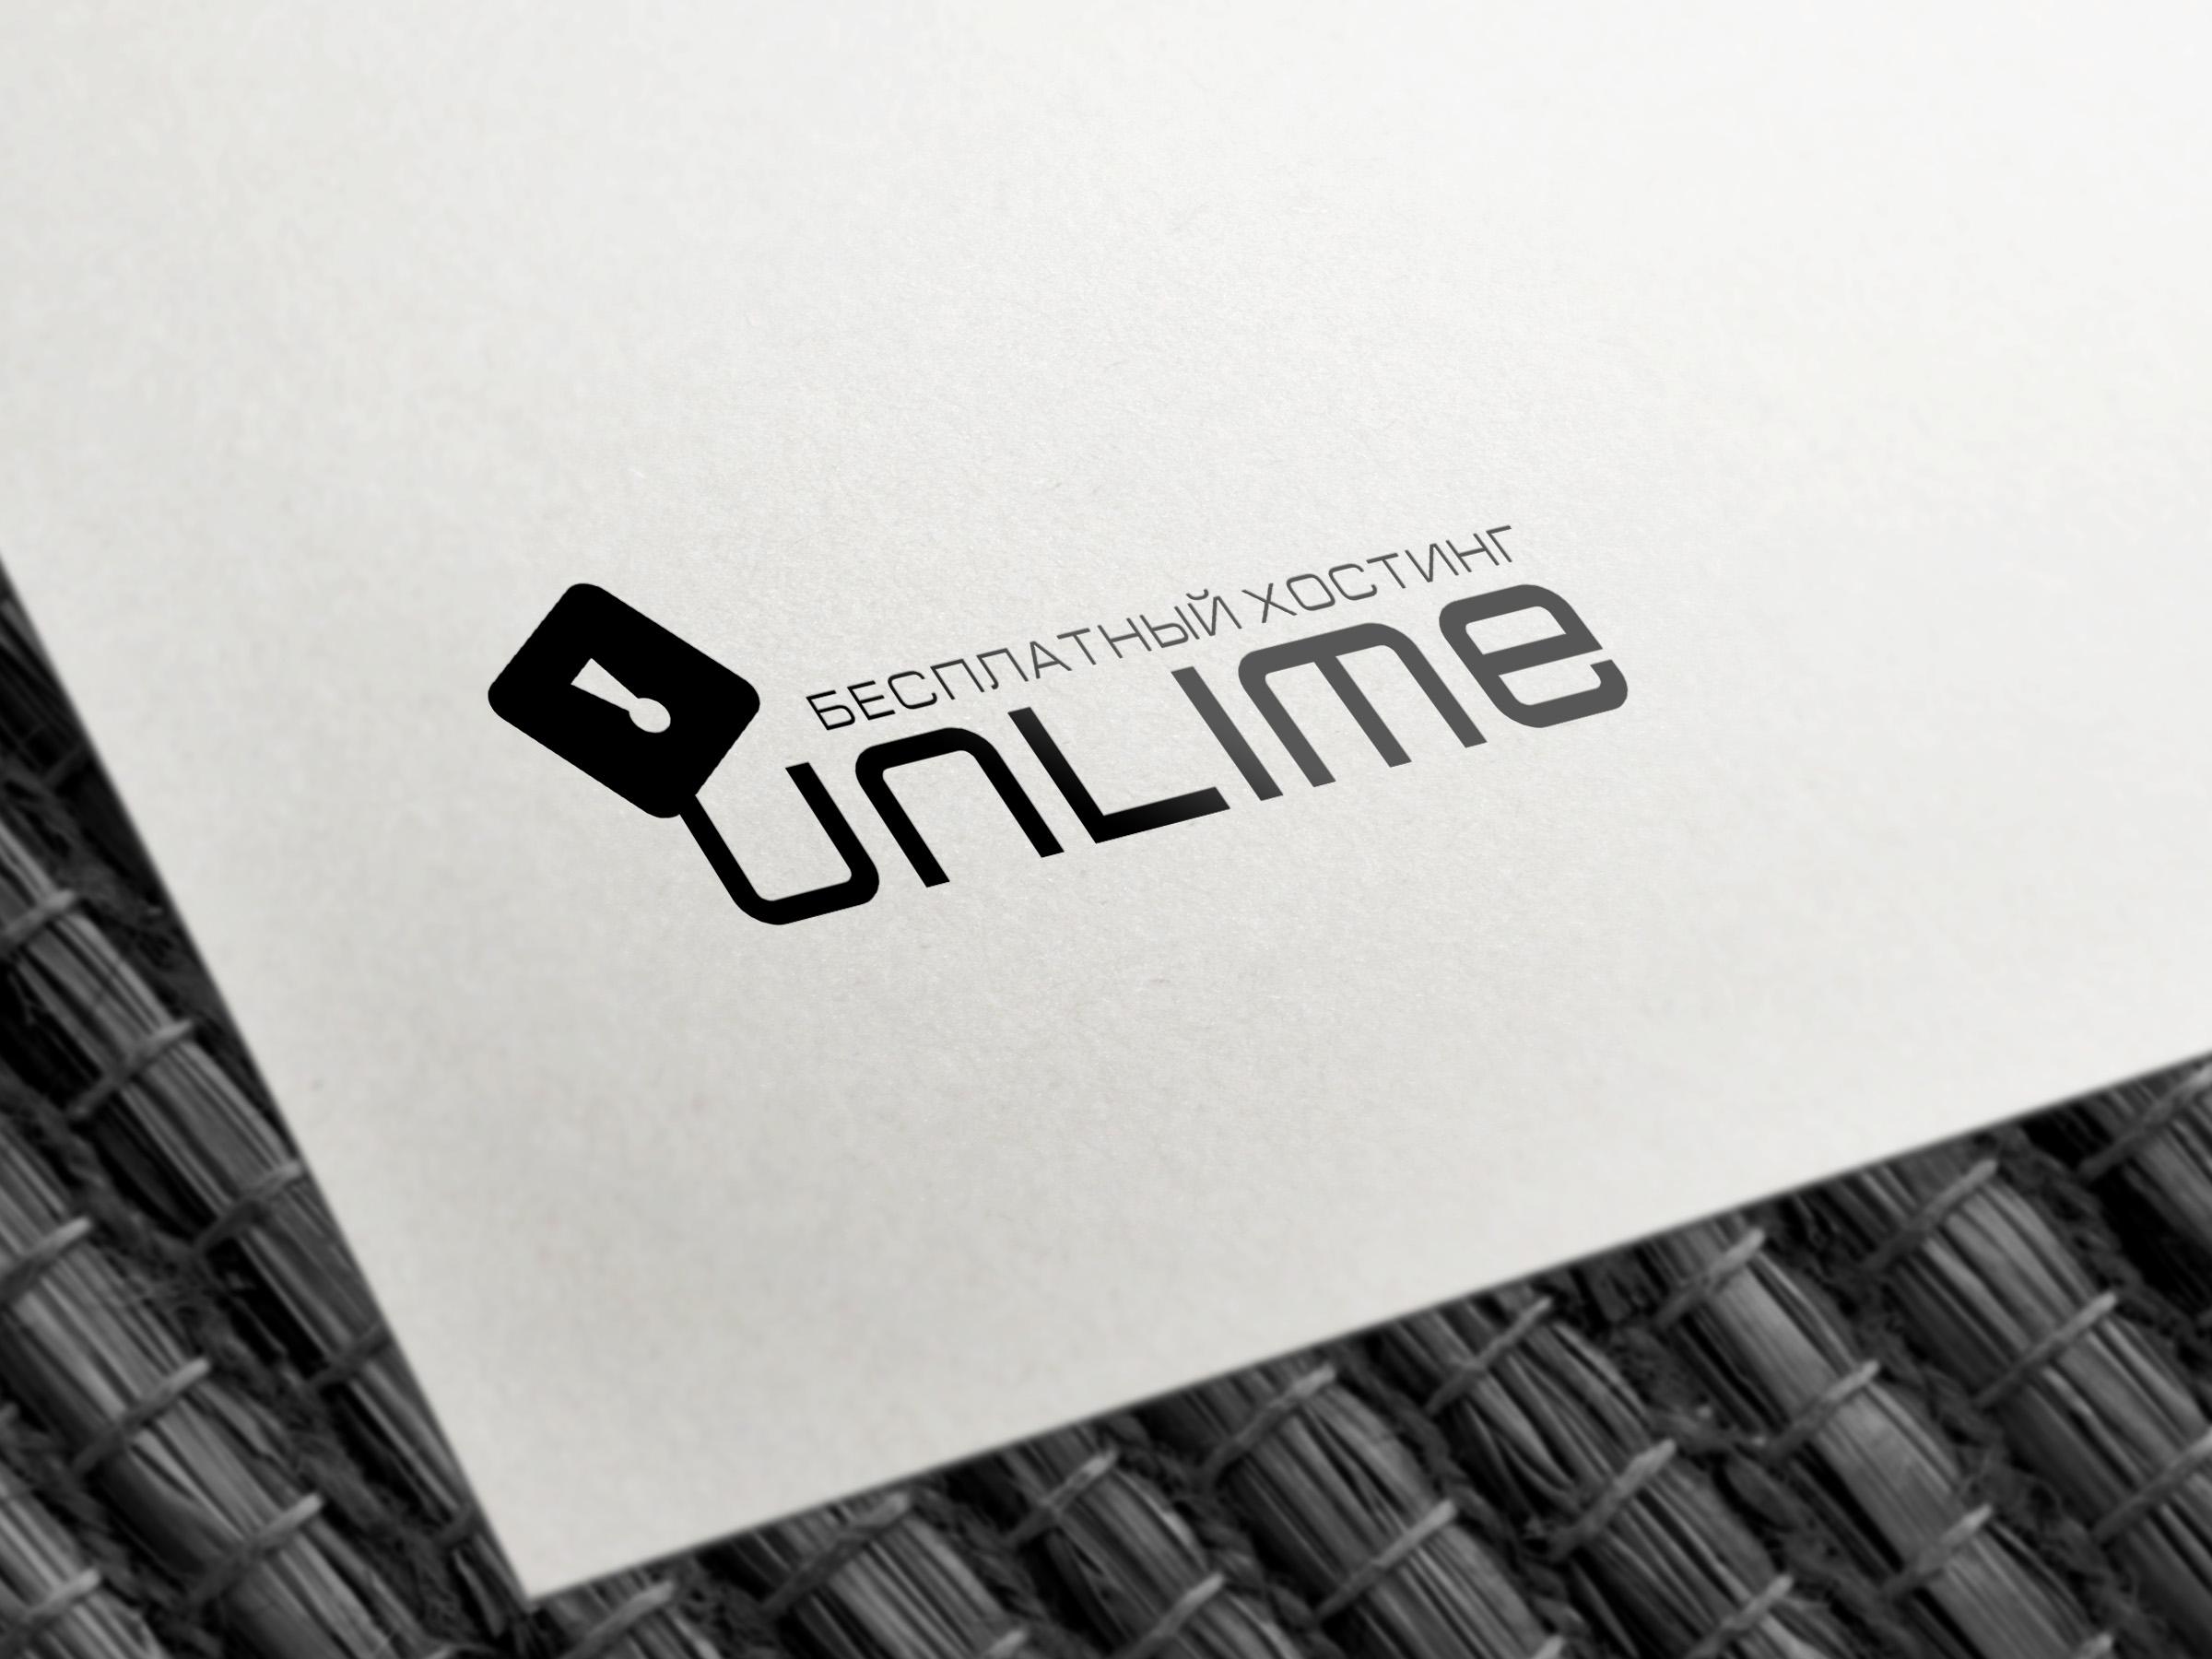 Разработка логотипа и фирменного стиля фото f_9665944b2f7b33dc.jpg